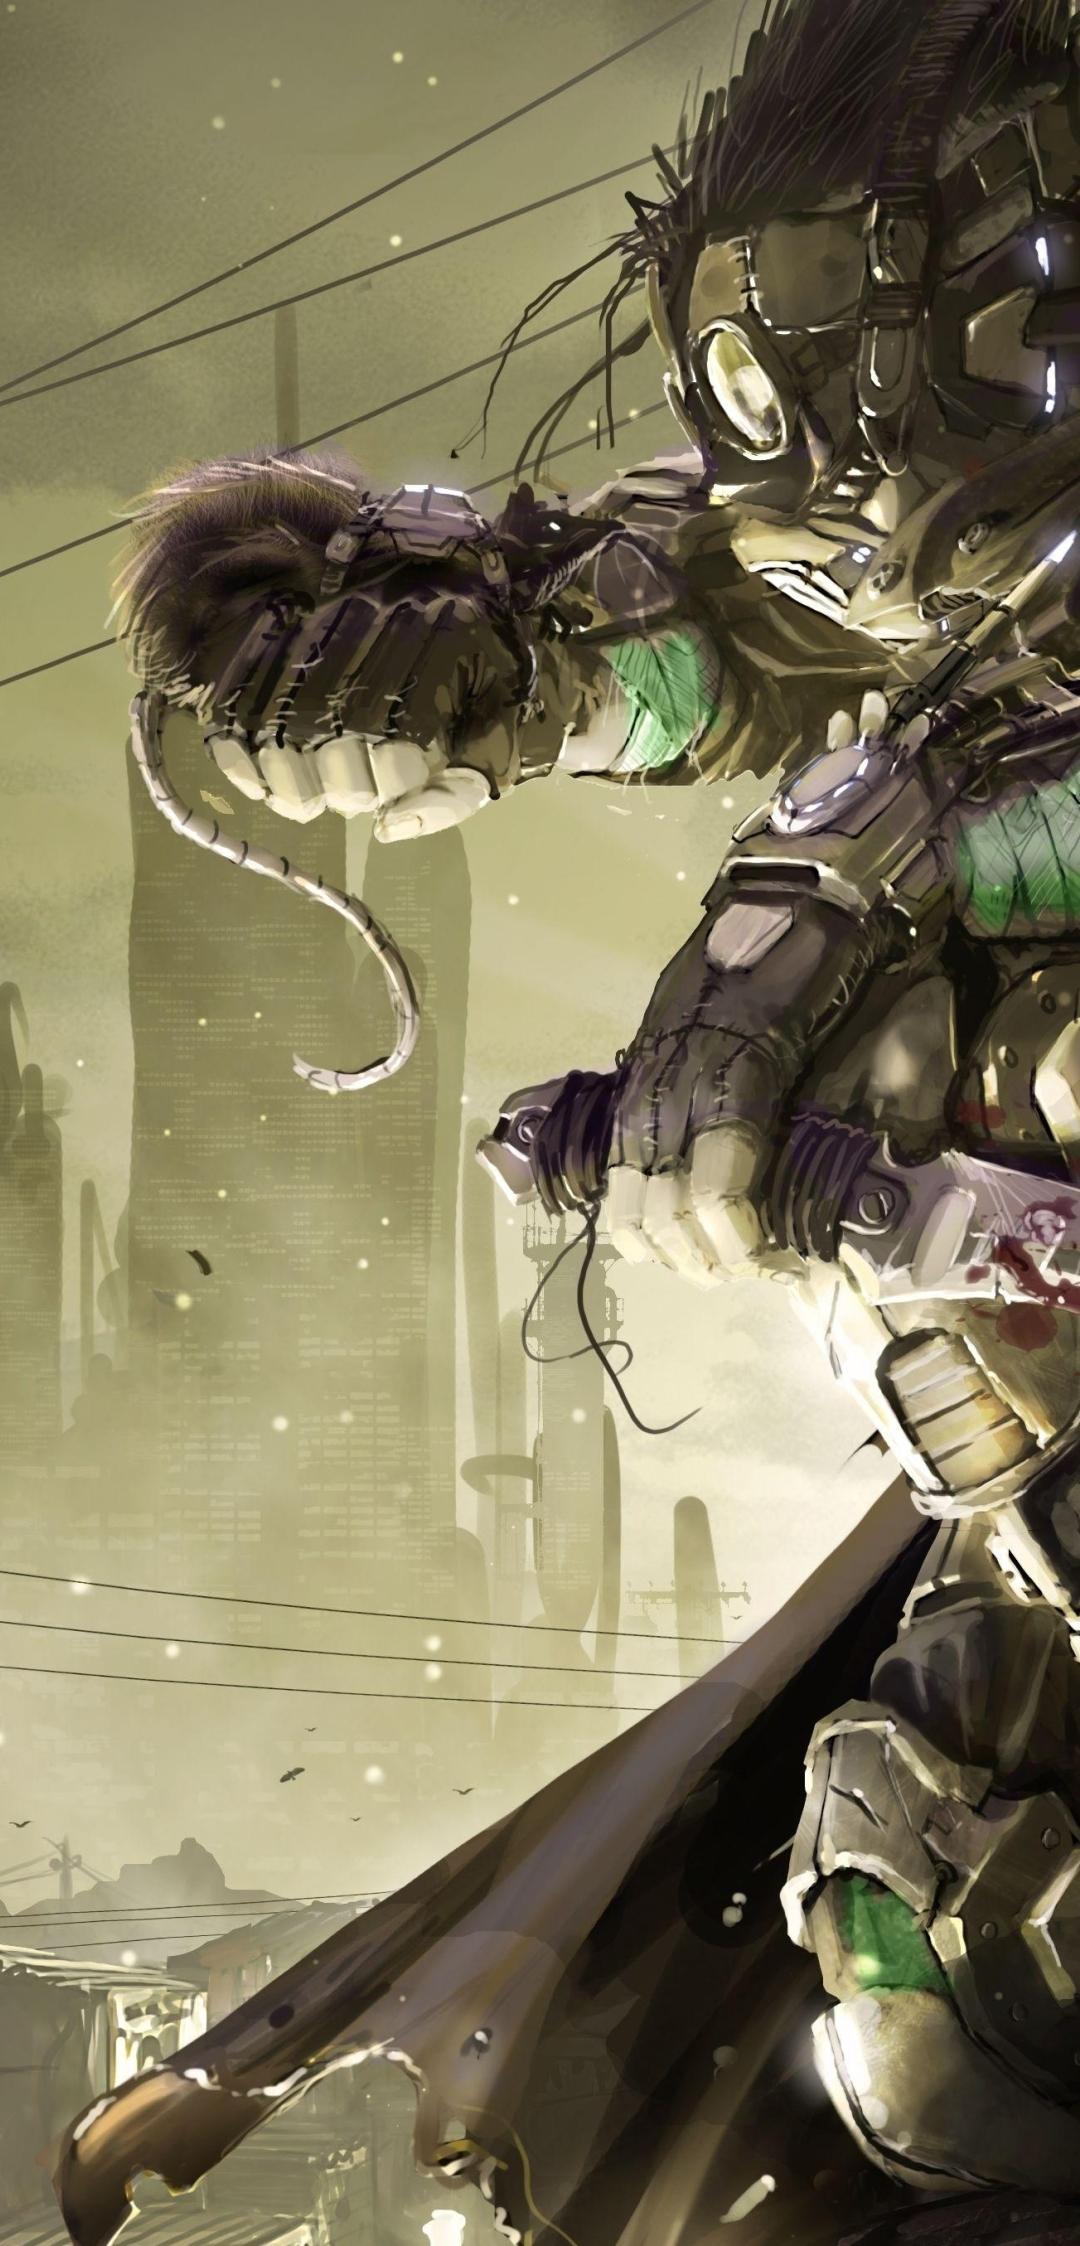 1080x2246 Steampunk Robot Machine 1080x2246 Resolution